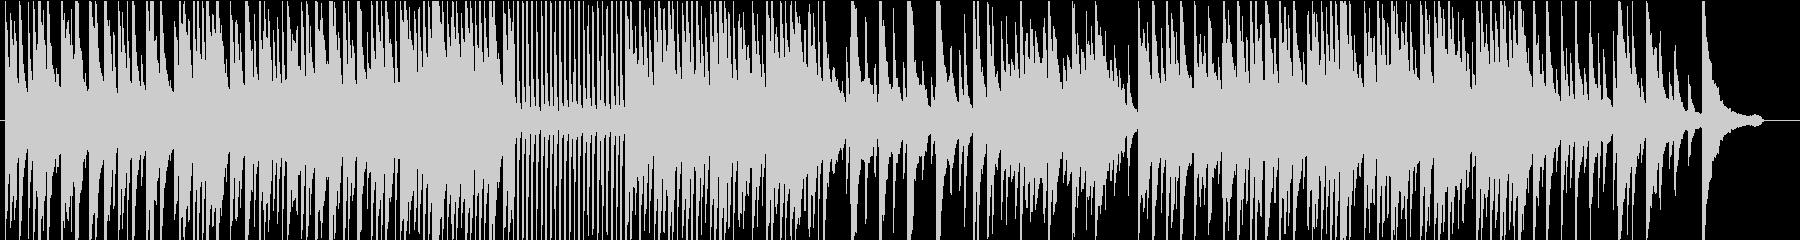 ビル・エヴァンス風なピアノインストの未再生の波形